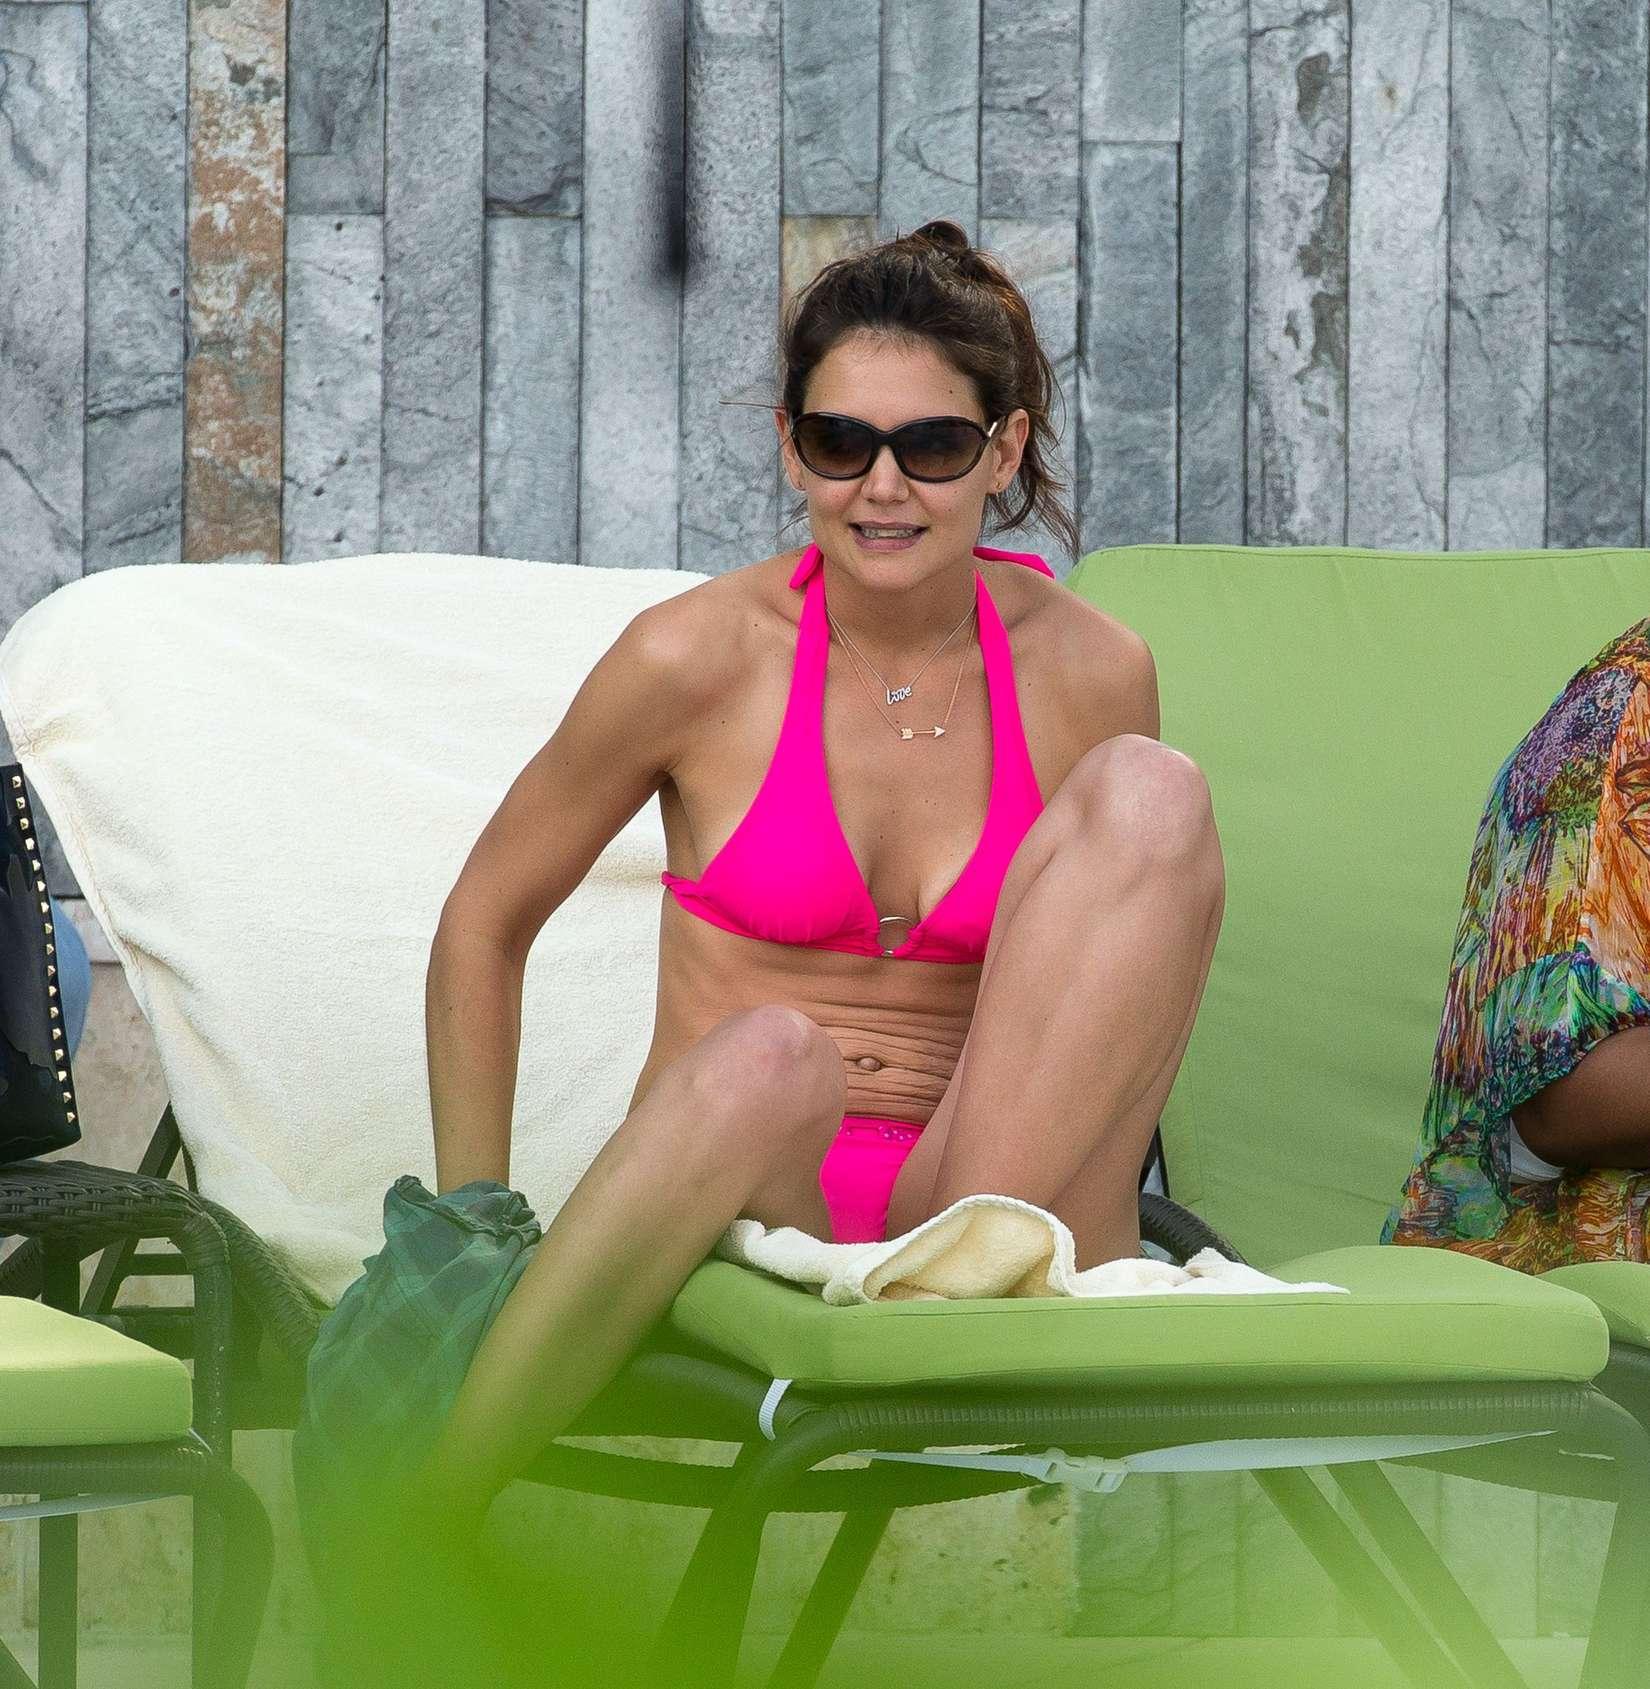 photos Katie holmes bikini